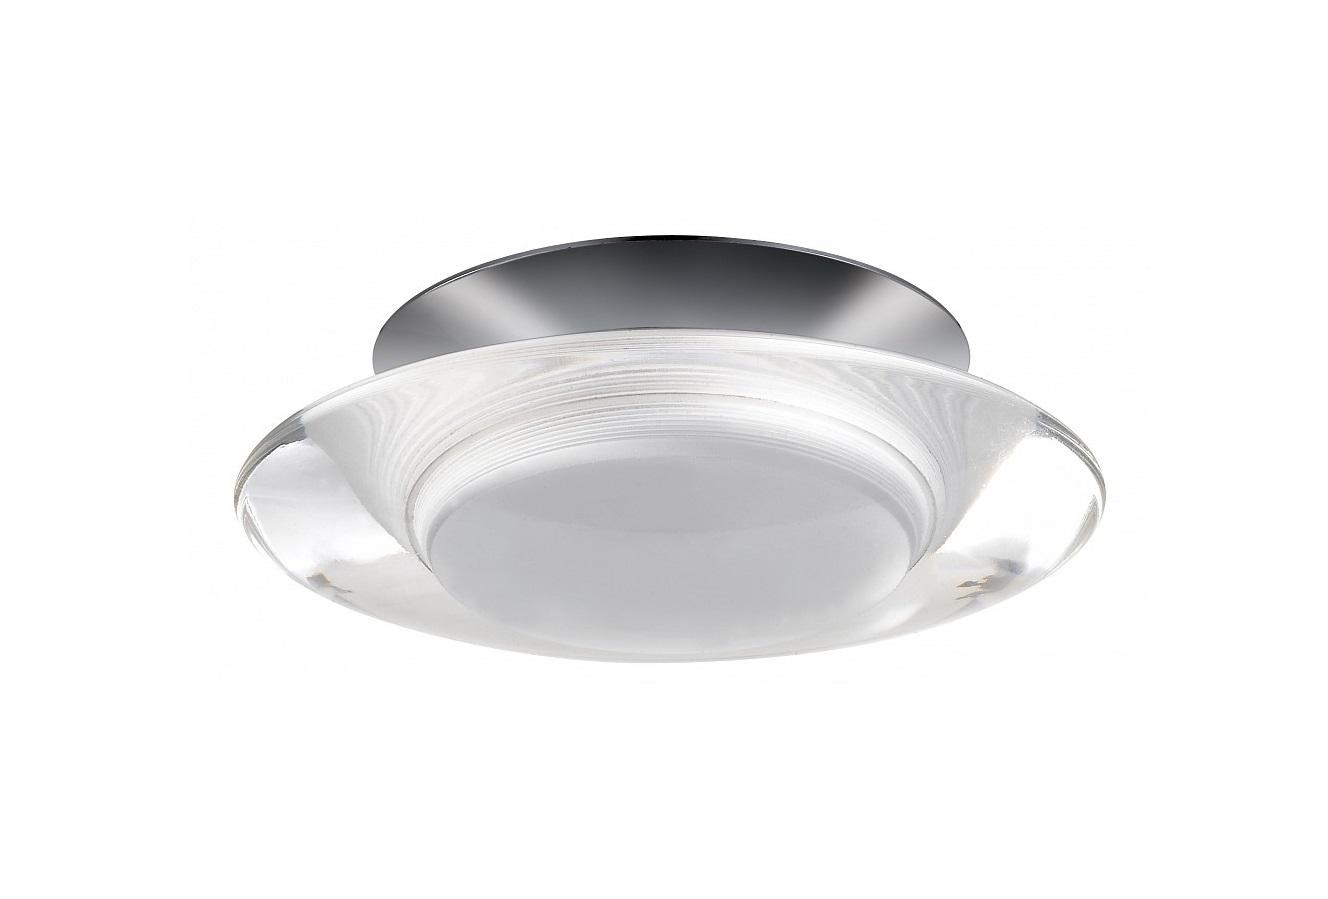 Встраиваемый светильник CaluraТочечный свет<br>&amp;lt;div&amp;gt;Вид цоколя: LED&amp;lt;/div&amp;gt;&amp;lt;div&amp;gt;Мощность: 0,5W&amp;lt;/div&amp;gt;&amp;lt;div&amp;gt;Количество ламп: 6&amp;lt;/div&amp;gt;&amp;lt;div&amp;gt;&amp;lt;br&amp;gt;&amp;lt;/div&amp;gt;&amp;lt;div&amp;gt;Материал плафонов и подвесок - акрил&amp;lt;/div&amp;gt;<br><br>Material: Алюминий<br>Depth см: None<br>Height см: 7<br>Diameter см: 9.8